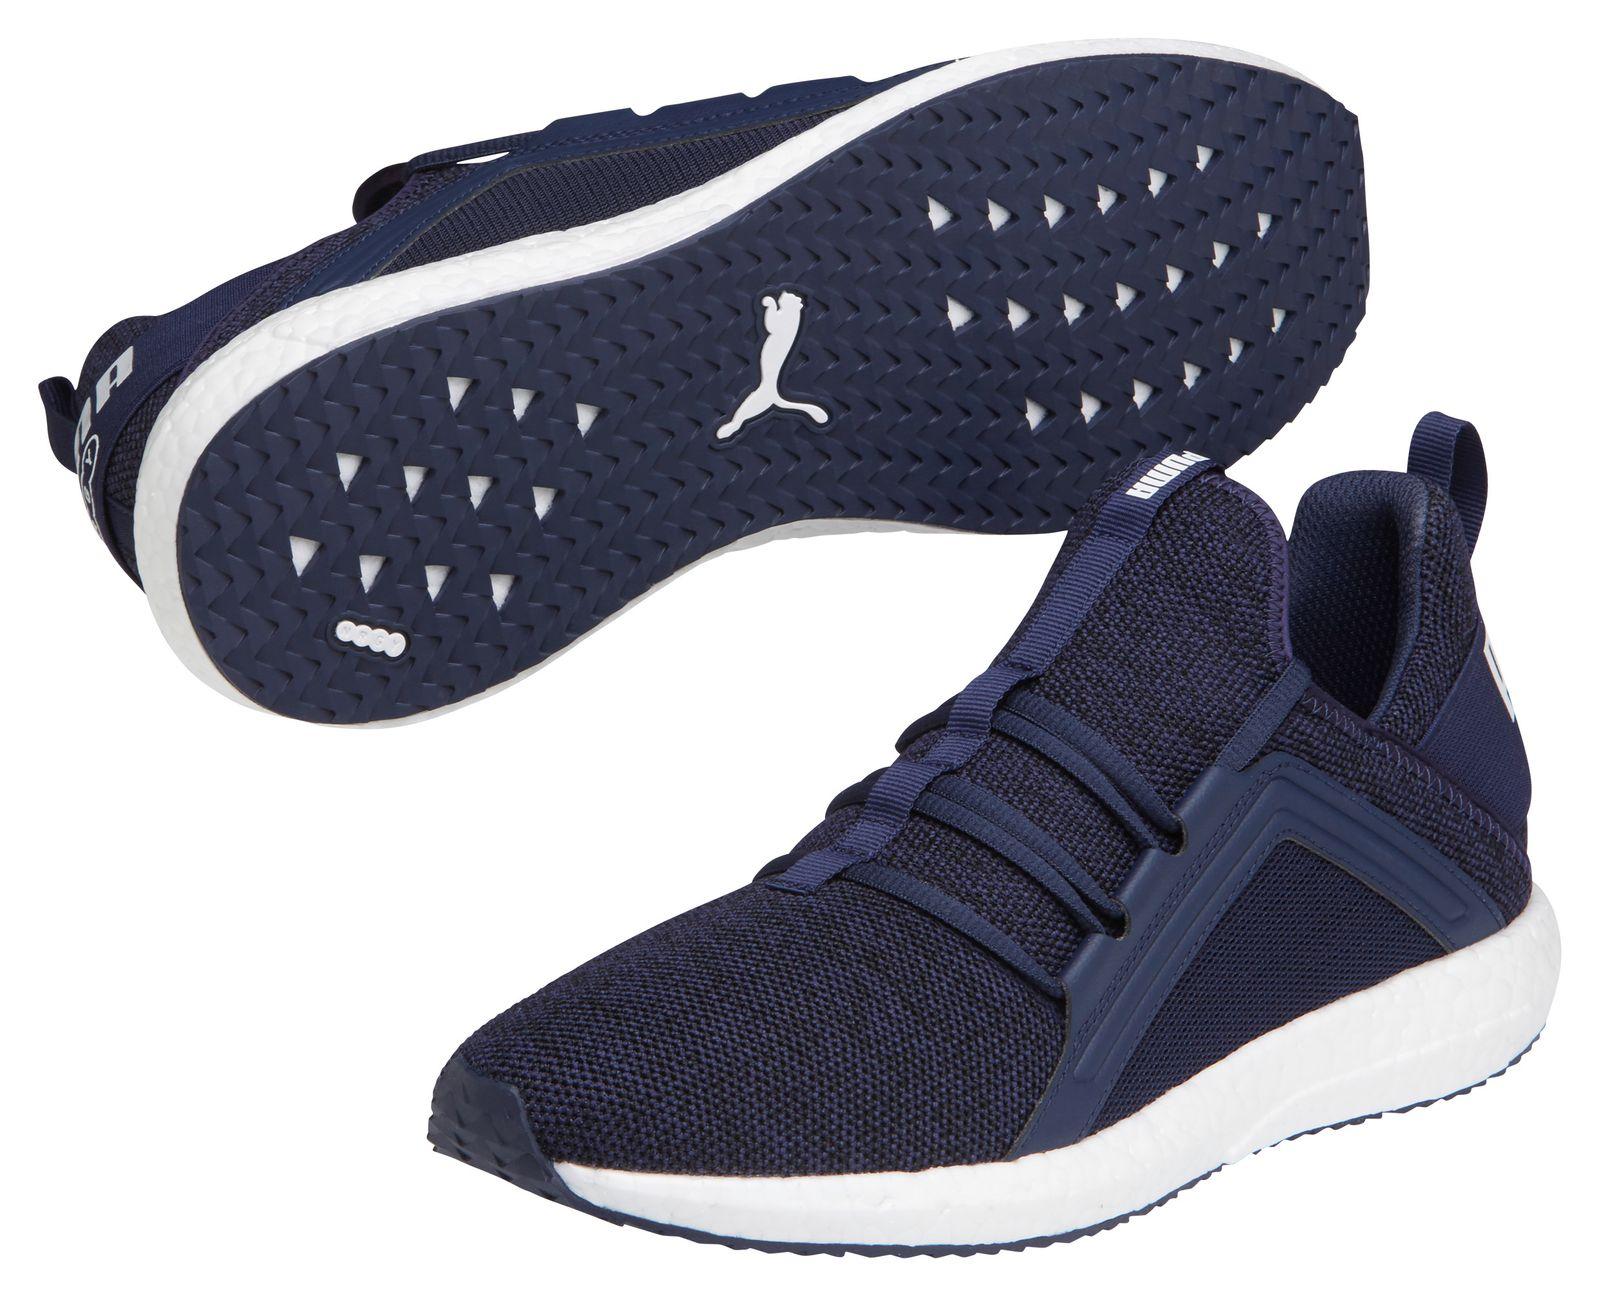 Puma Mega NRGY Knit Herren Laufschuhe Sneaker schwarz